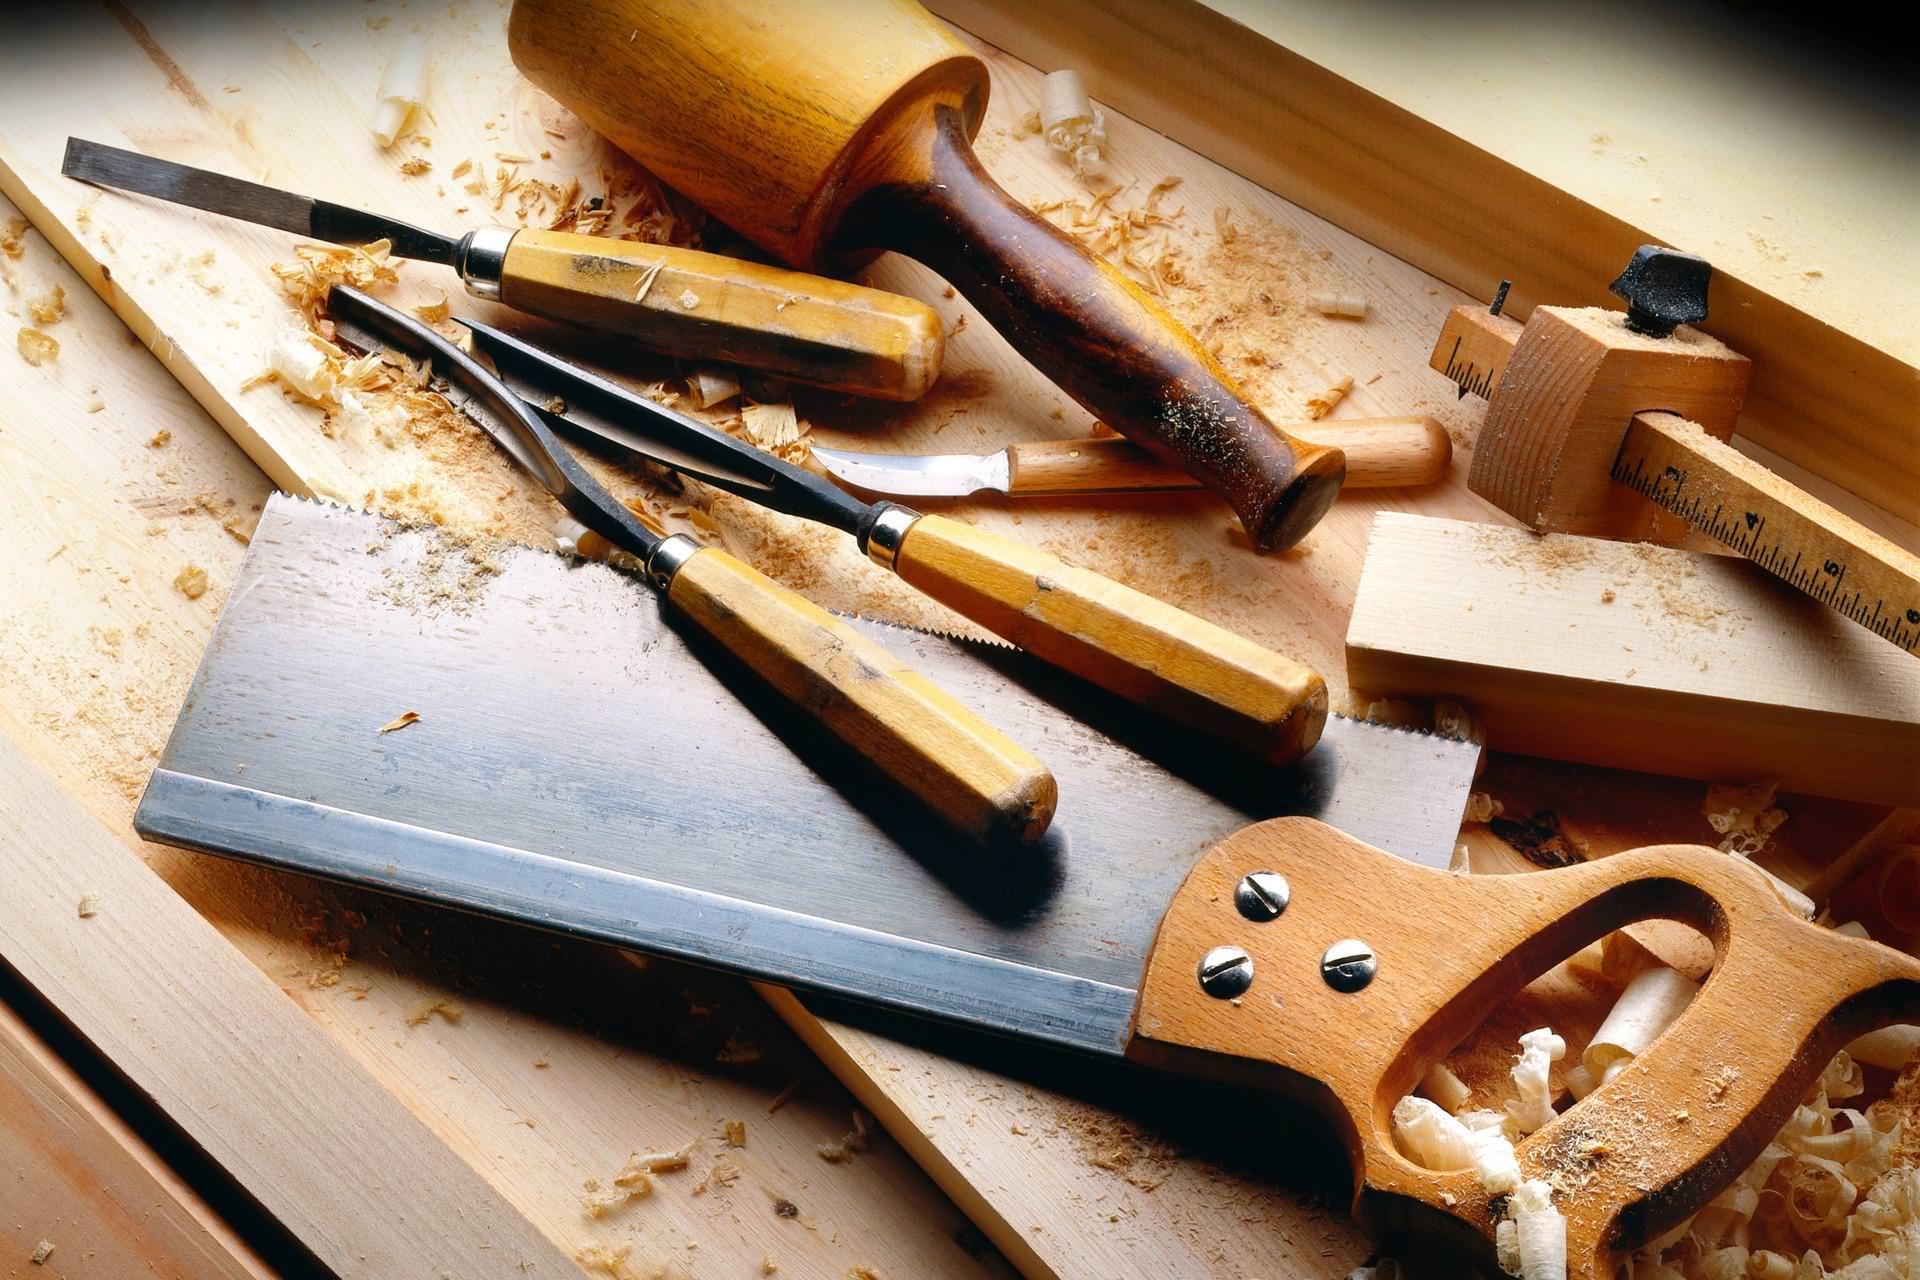 Die Vor- und Nachteile von geschreinerten Möbeln